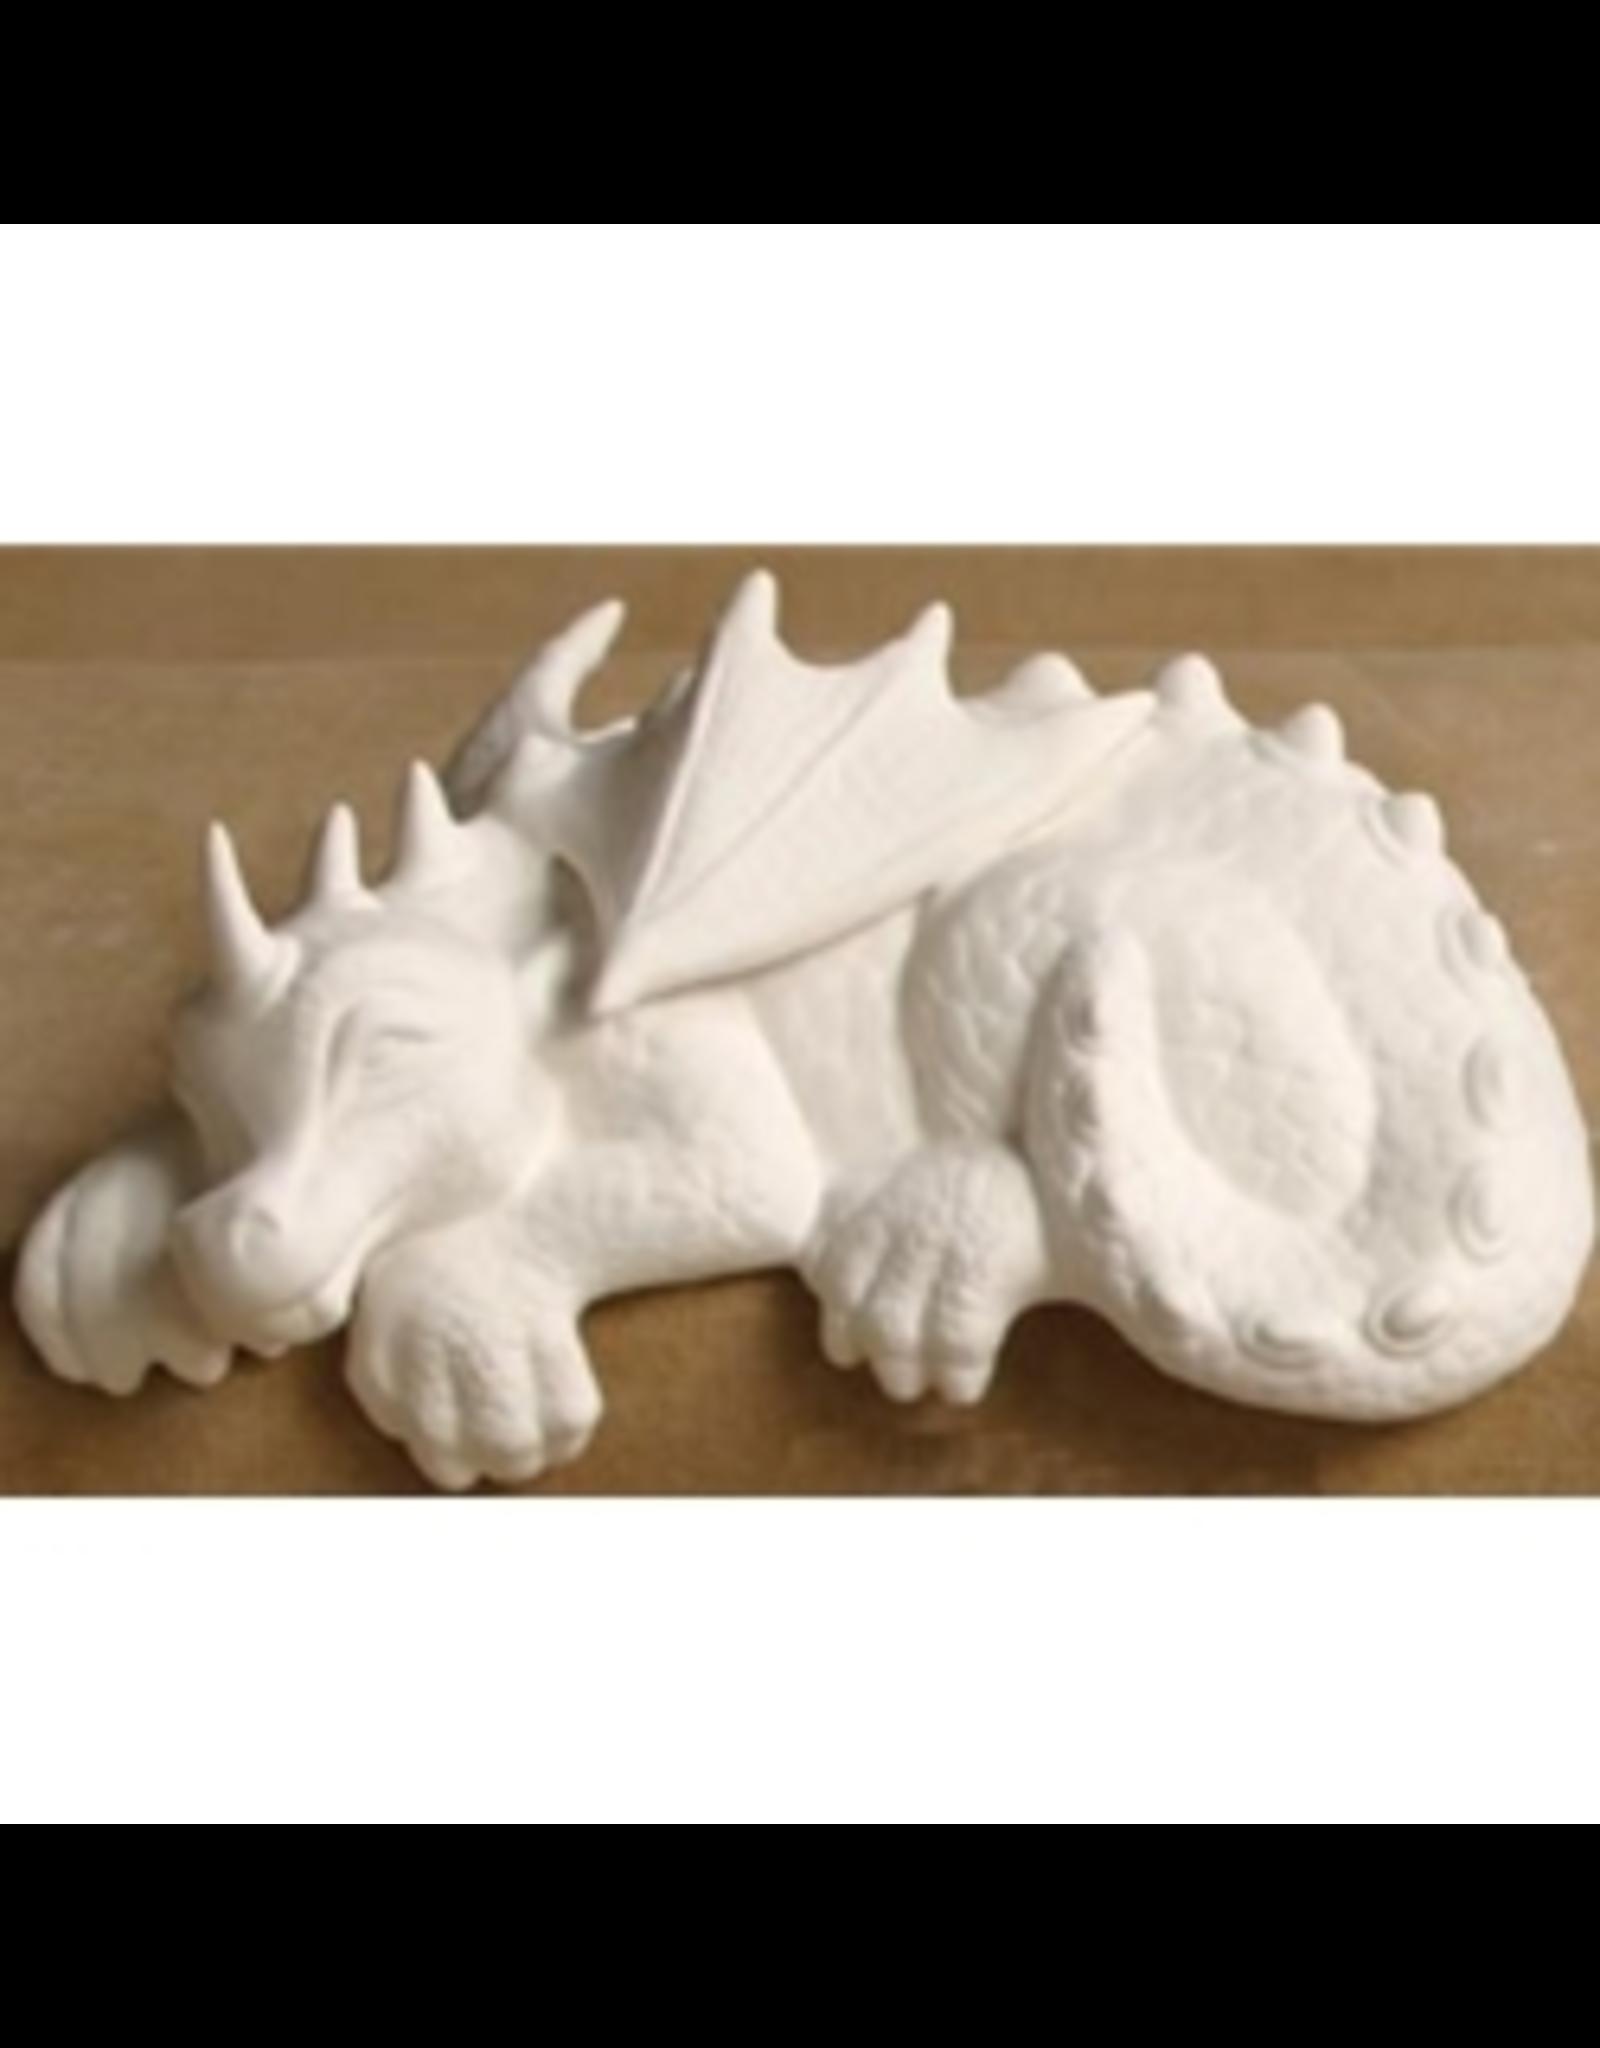 ART KIT Art Kit: Dragon shelf sitter